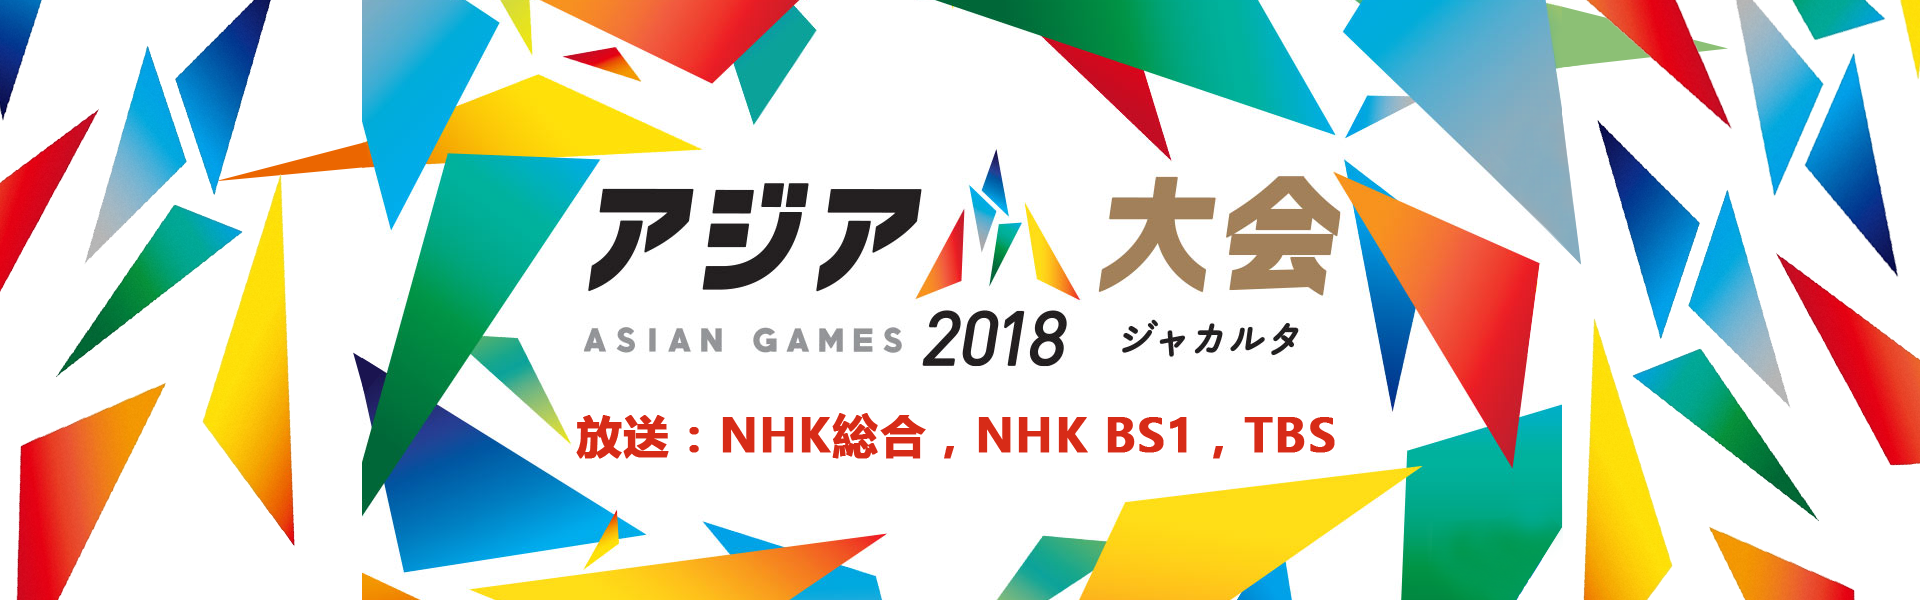 生放送 2018ジャ゠ムタアジア大会【8 18 9 2】